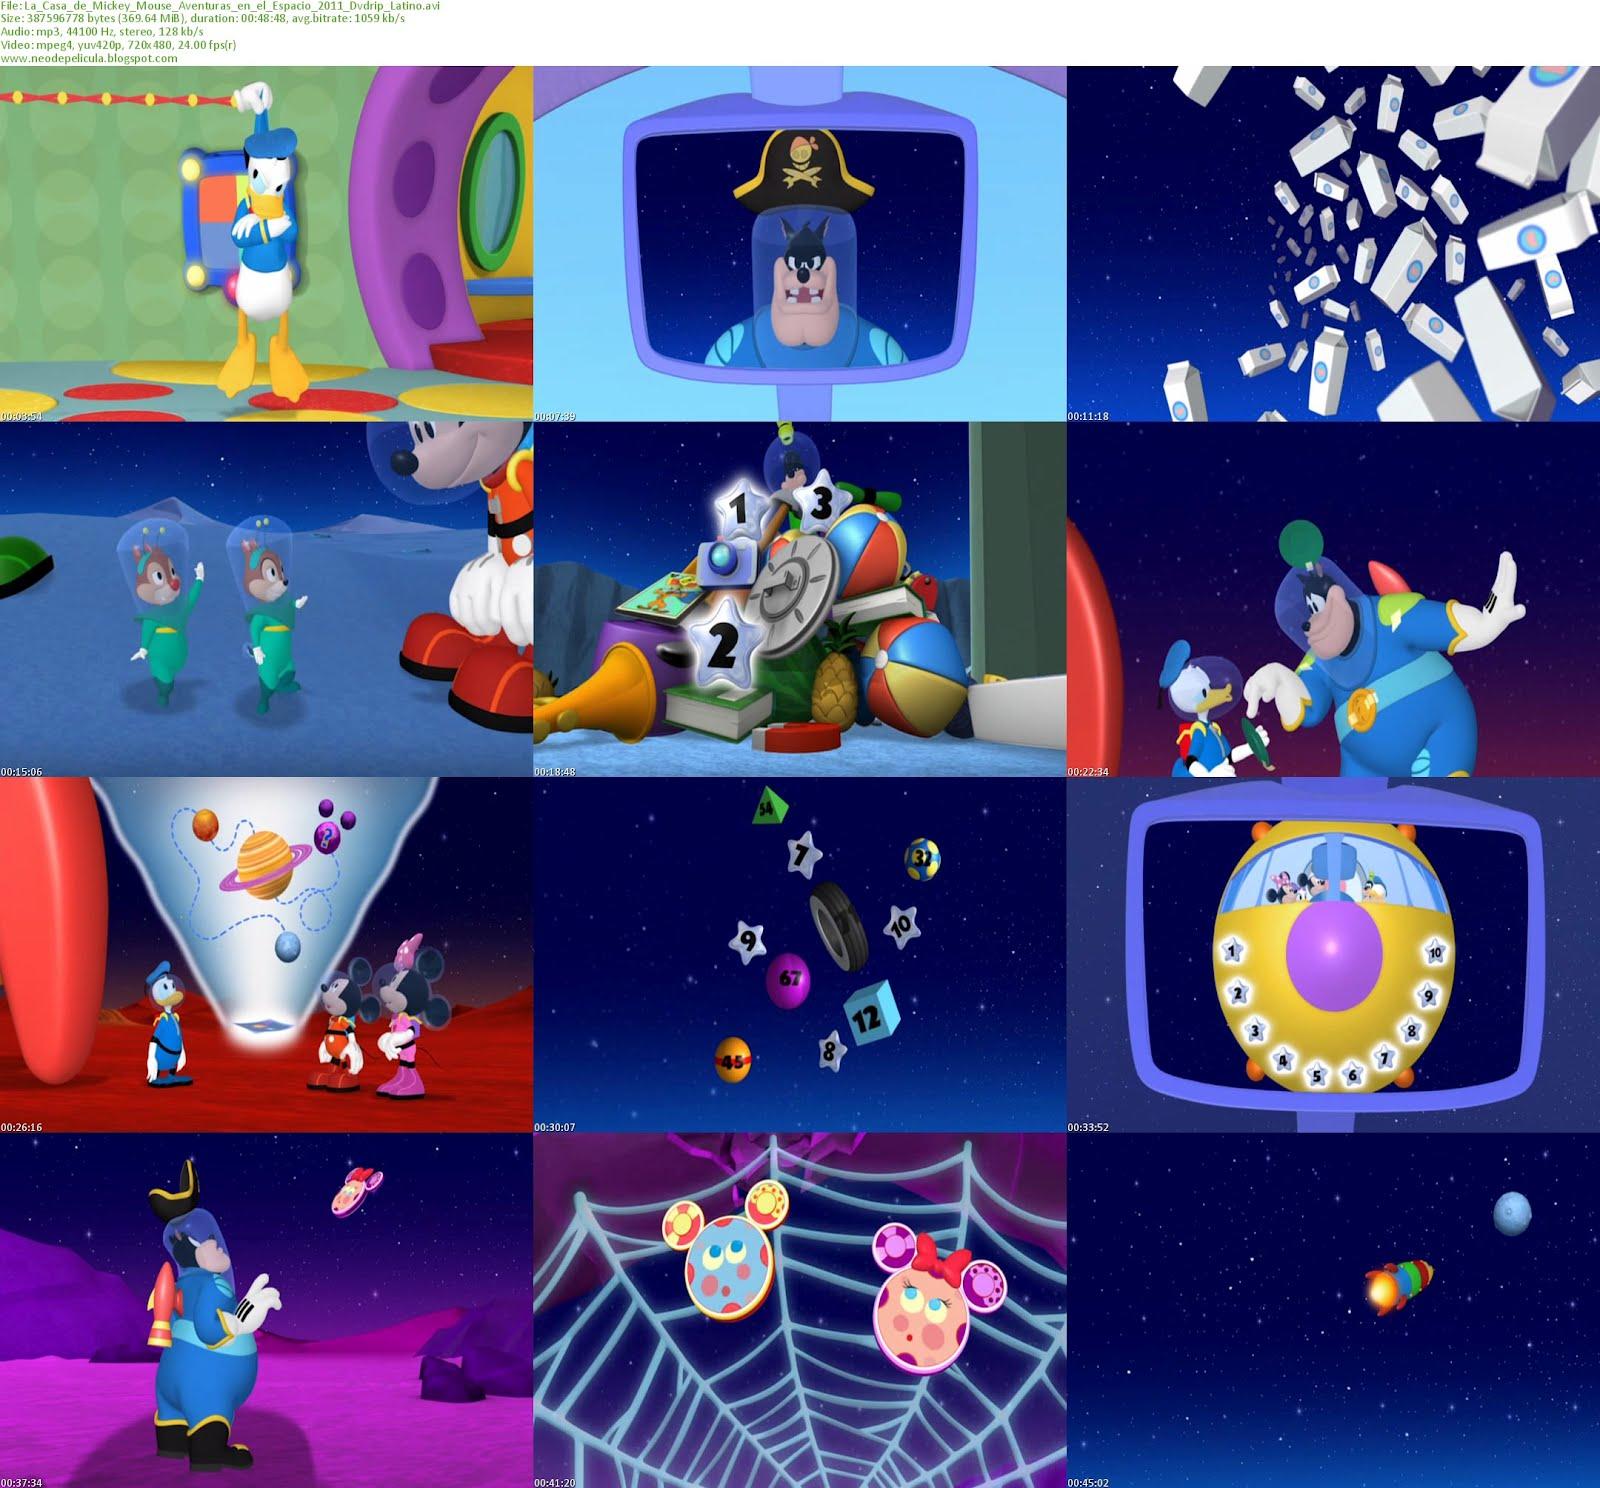 La Casa de Mickey Mouse: Aventuras en el espacio (2011